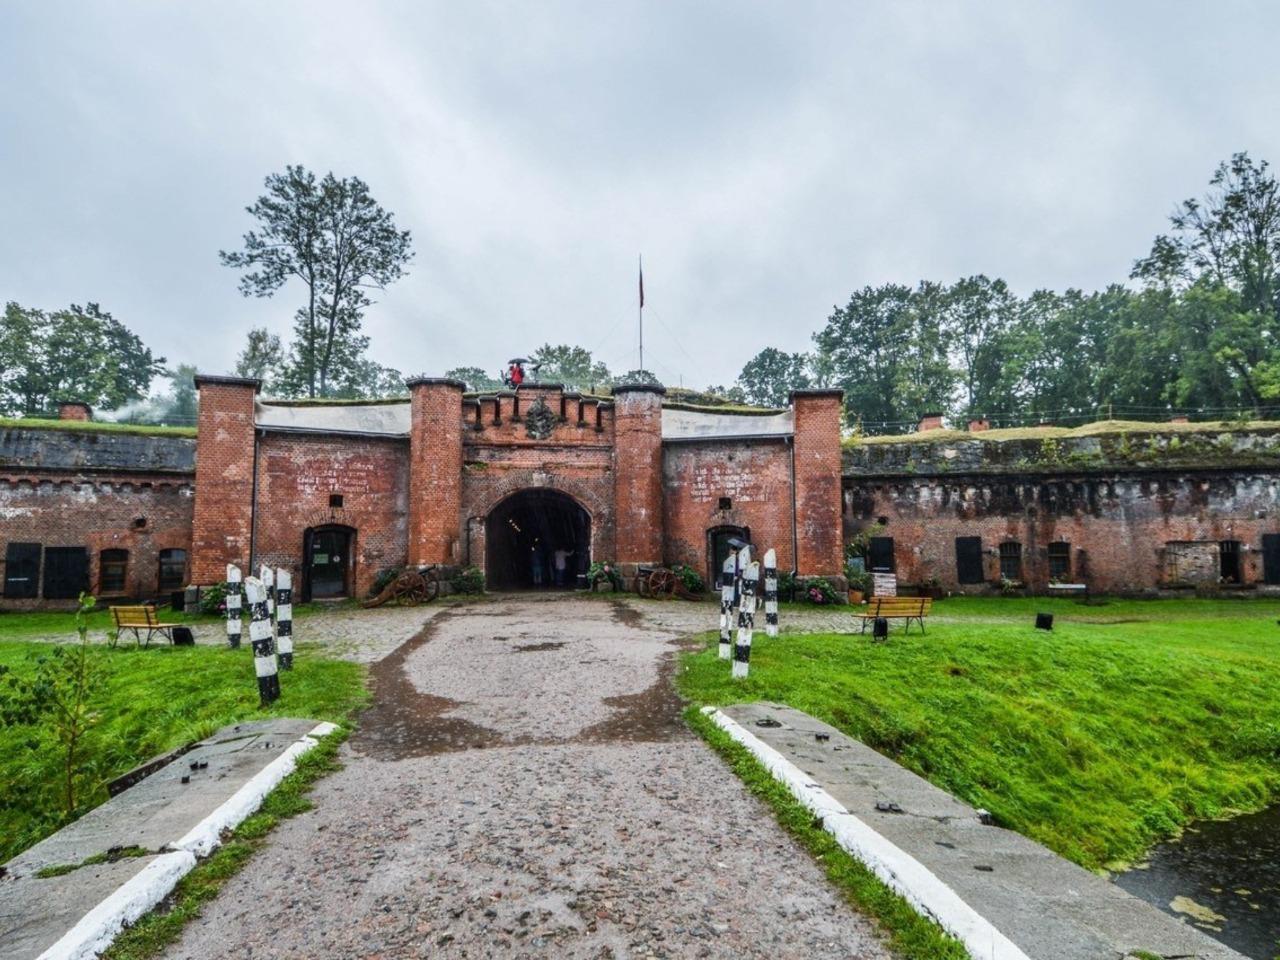 Форты Кёнигсберга — историческое приключение - индивидуальная экскурсия в Калининграде от опытного гида